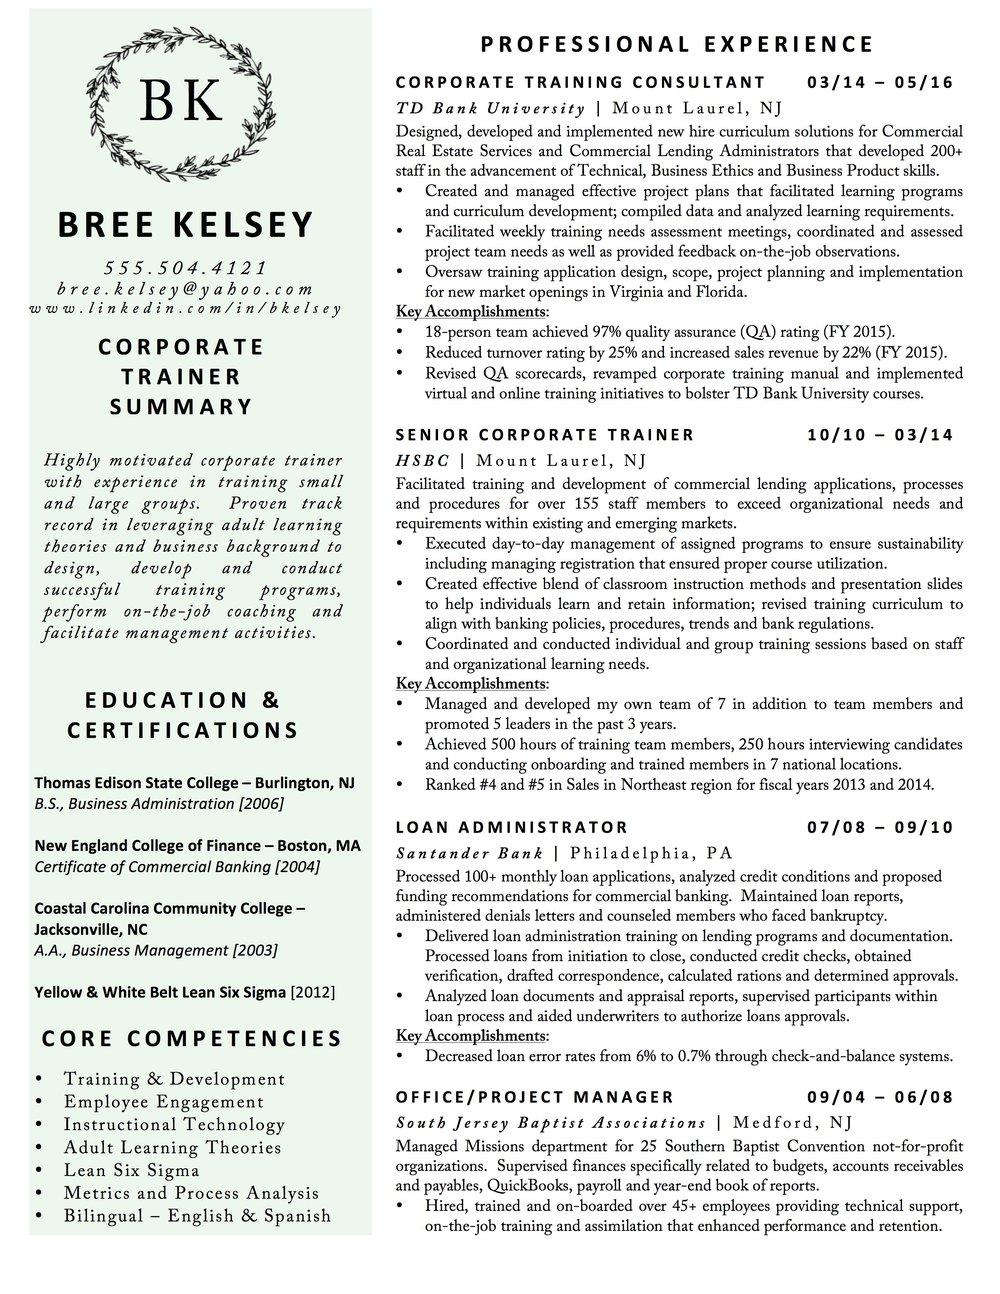 Bree Kelsey Sample Resume.jpg